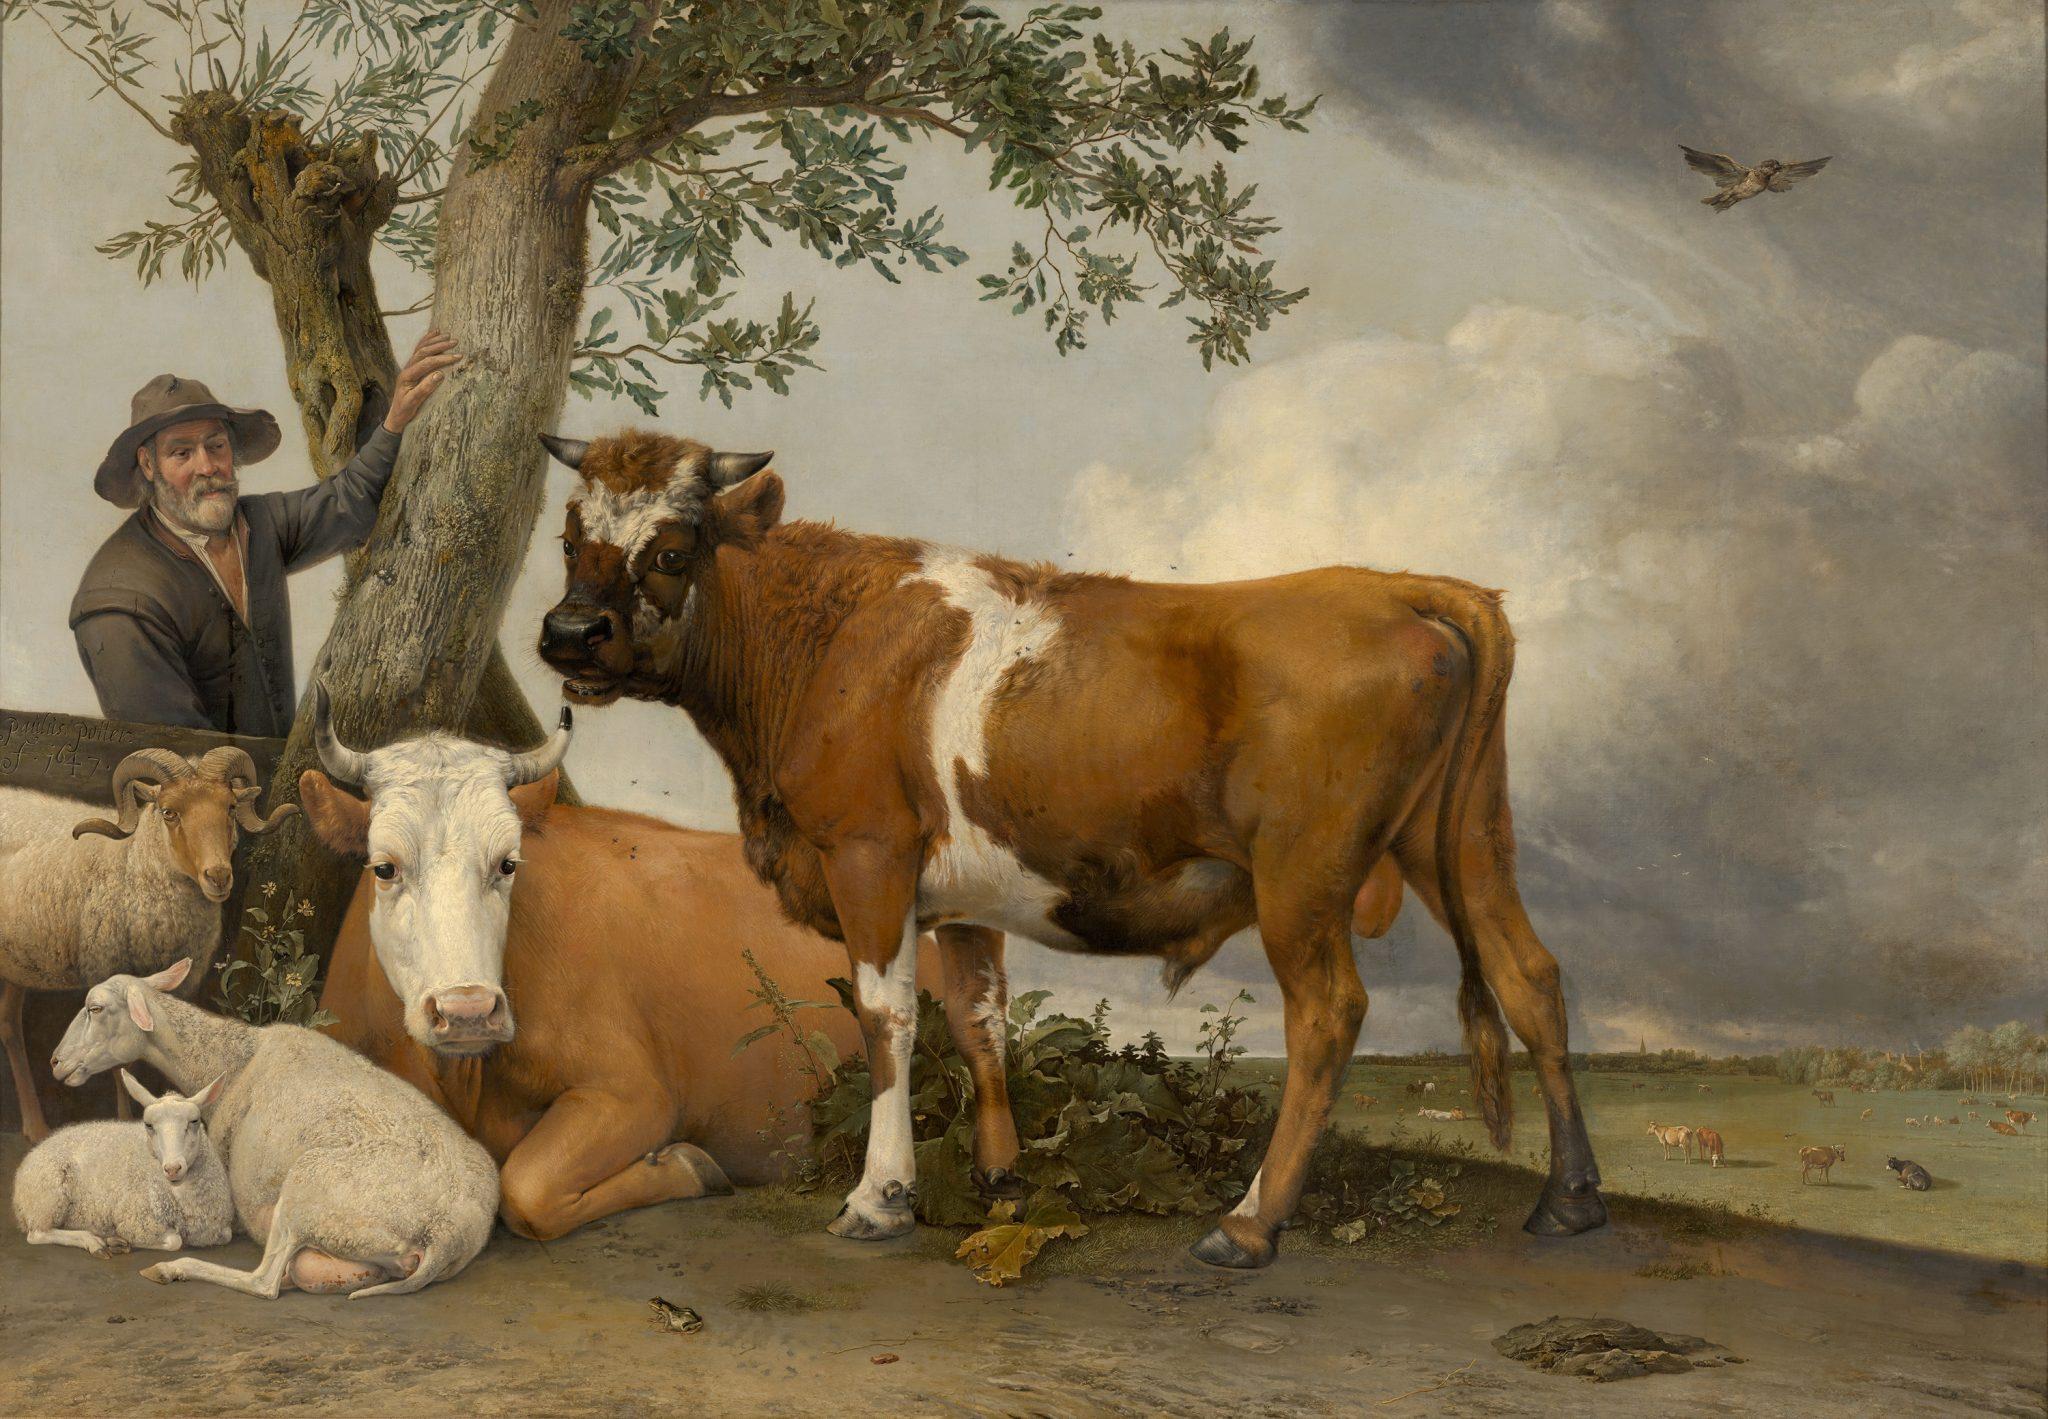 Olieverf schilderij van een stier, koe en schapen op voorgrond.